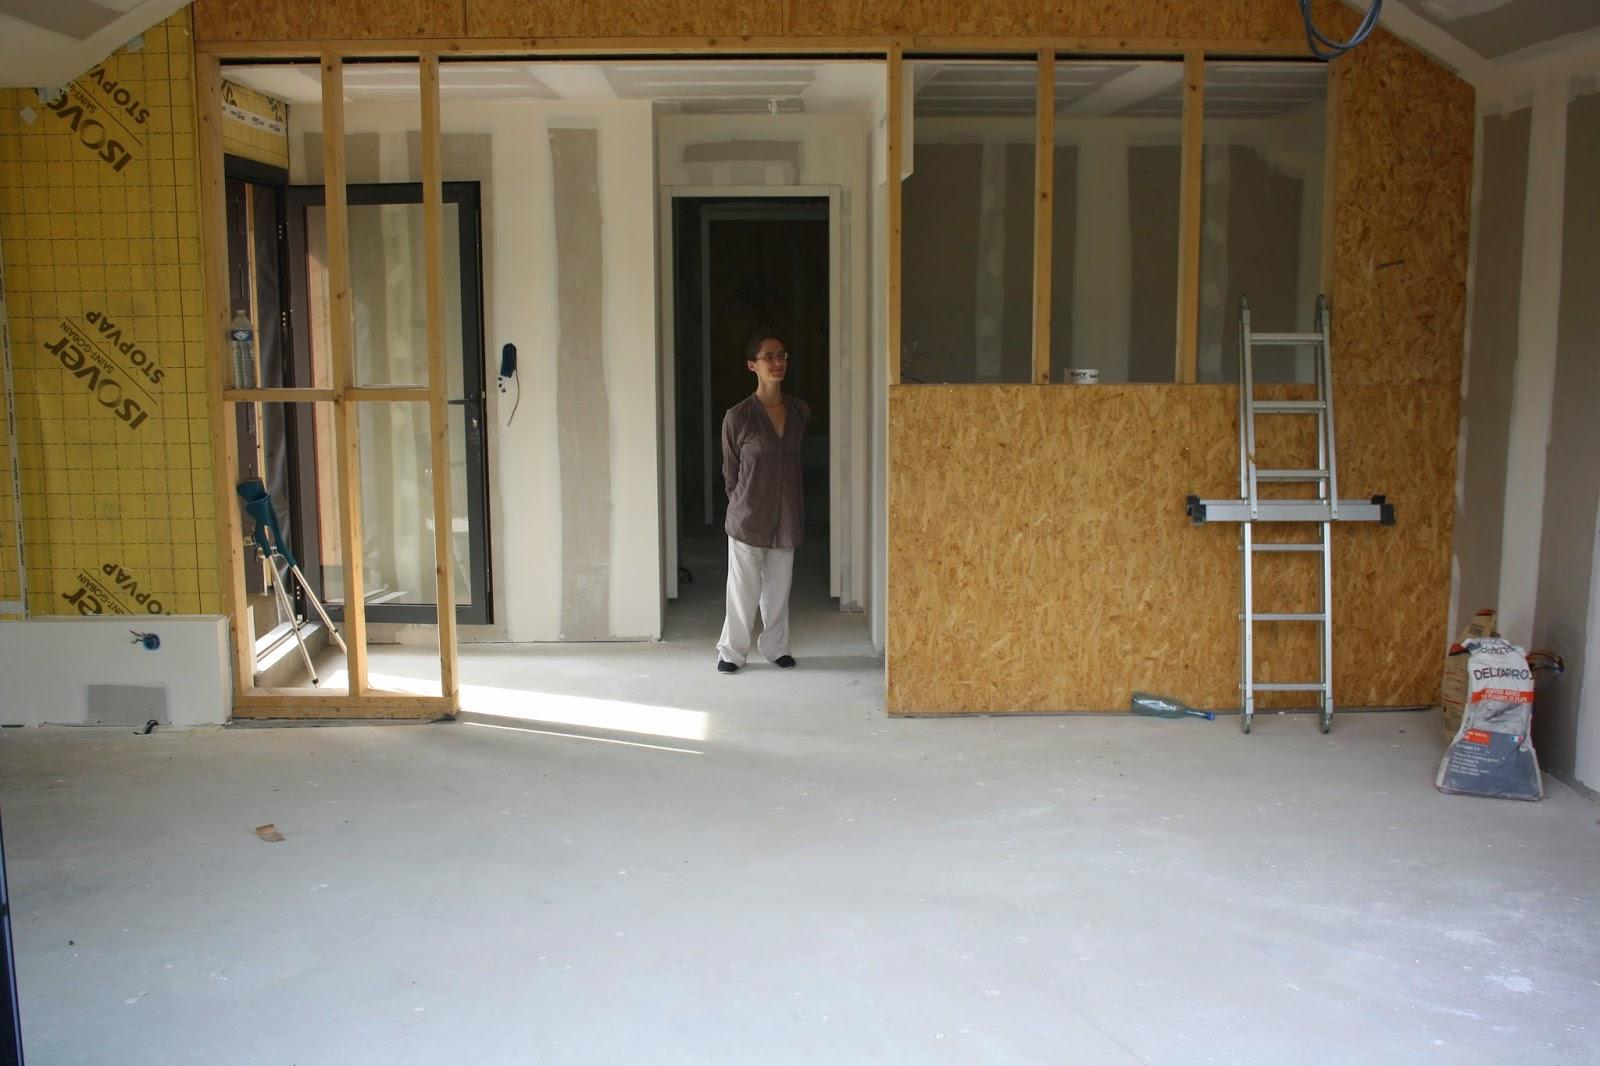 des ch nes une maison et des livres osb fais tourner fais tourner fais tourner. Black Bedroom Furniture Sets. Home Design Ideas